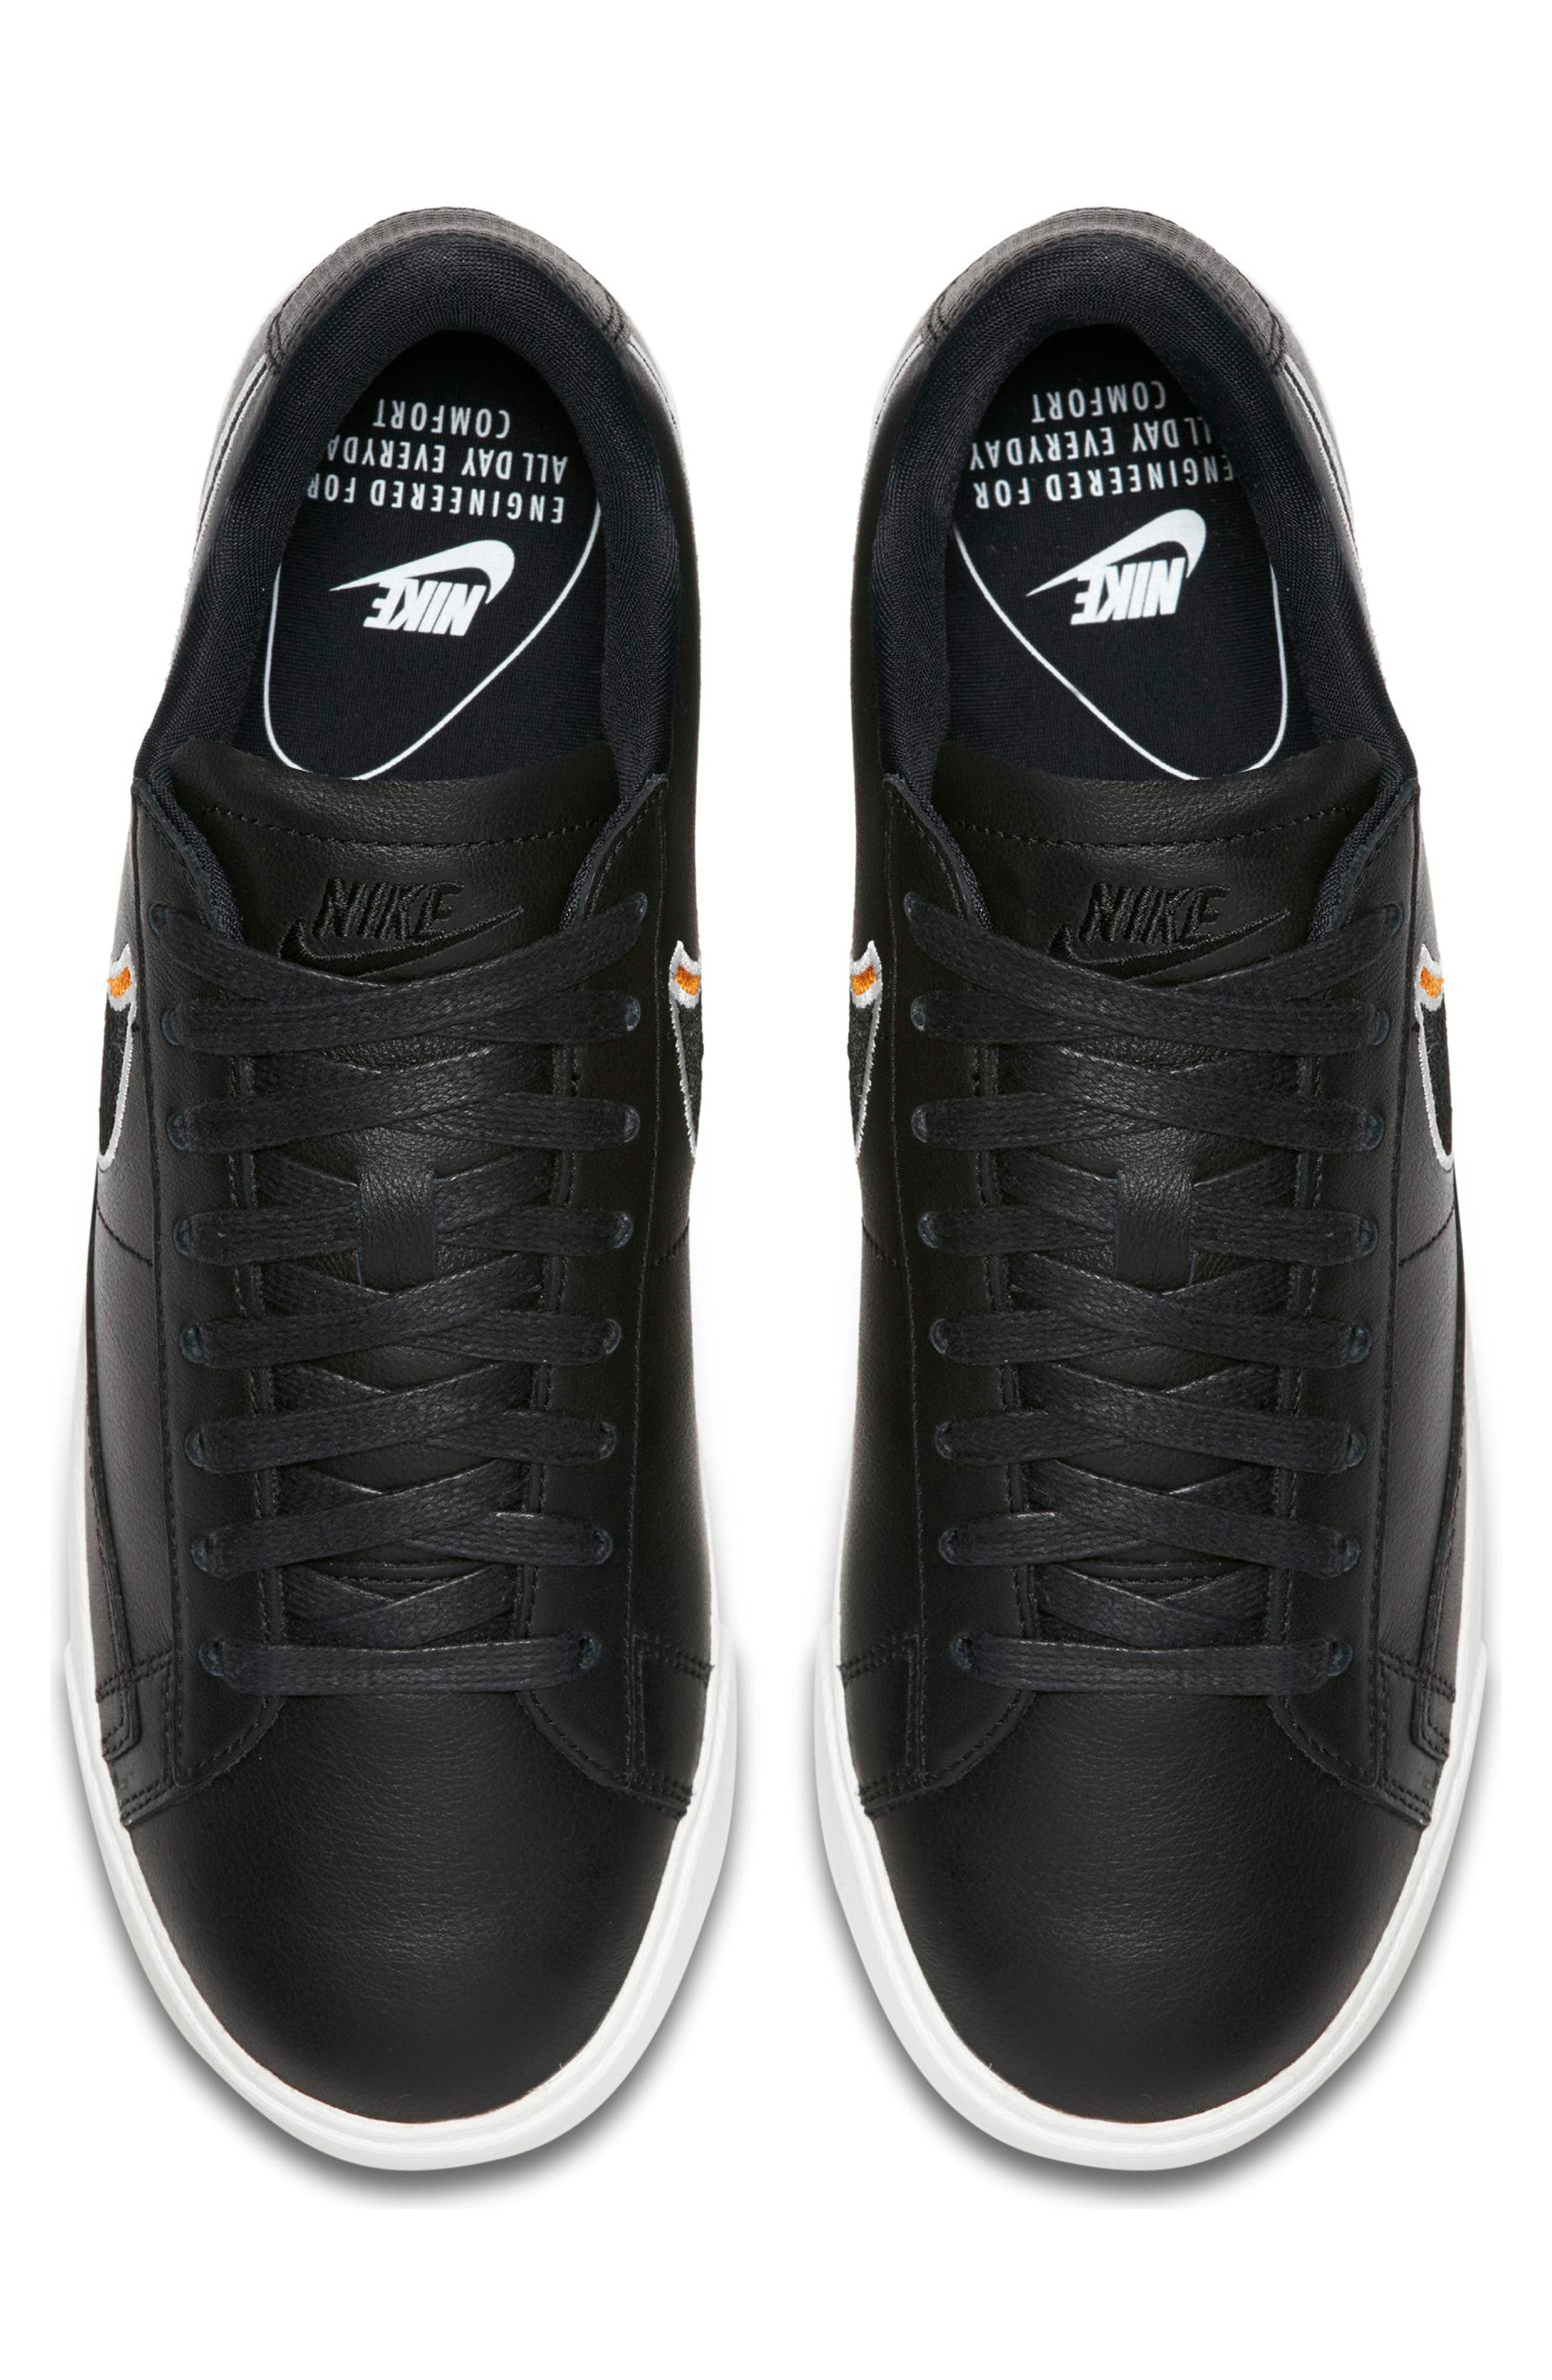 Blazer Low LX Sneaker,                             Alternate thumbnail 4, color,                             BLACK/ ROYAL TINT/ MONARCH